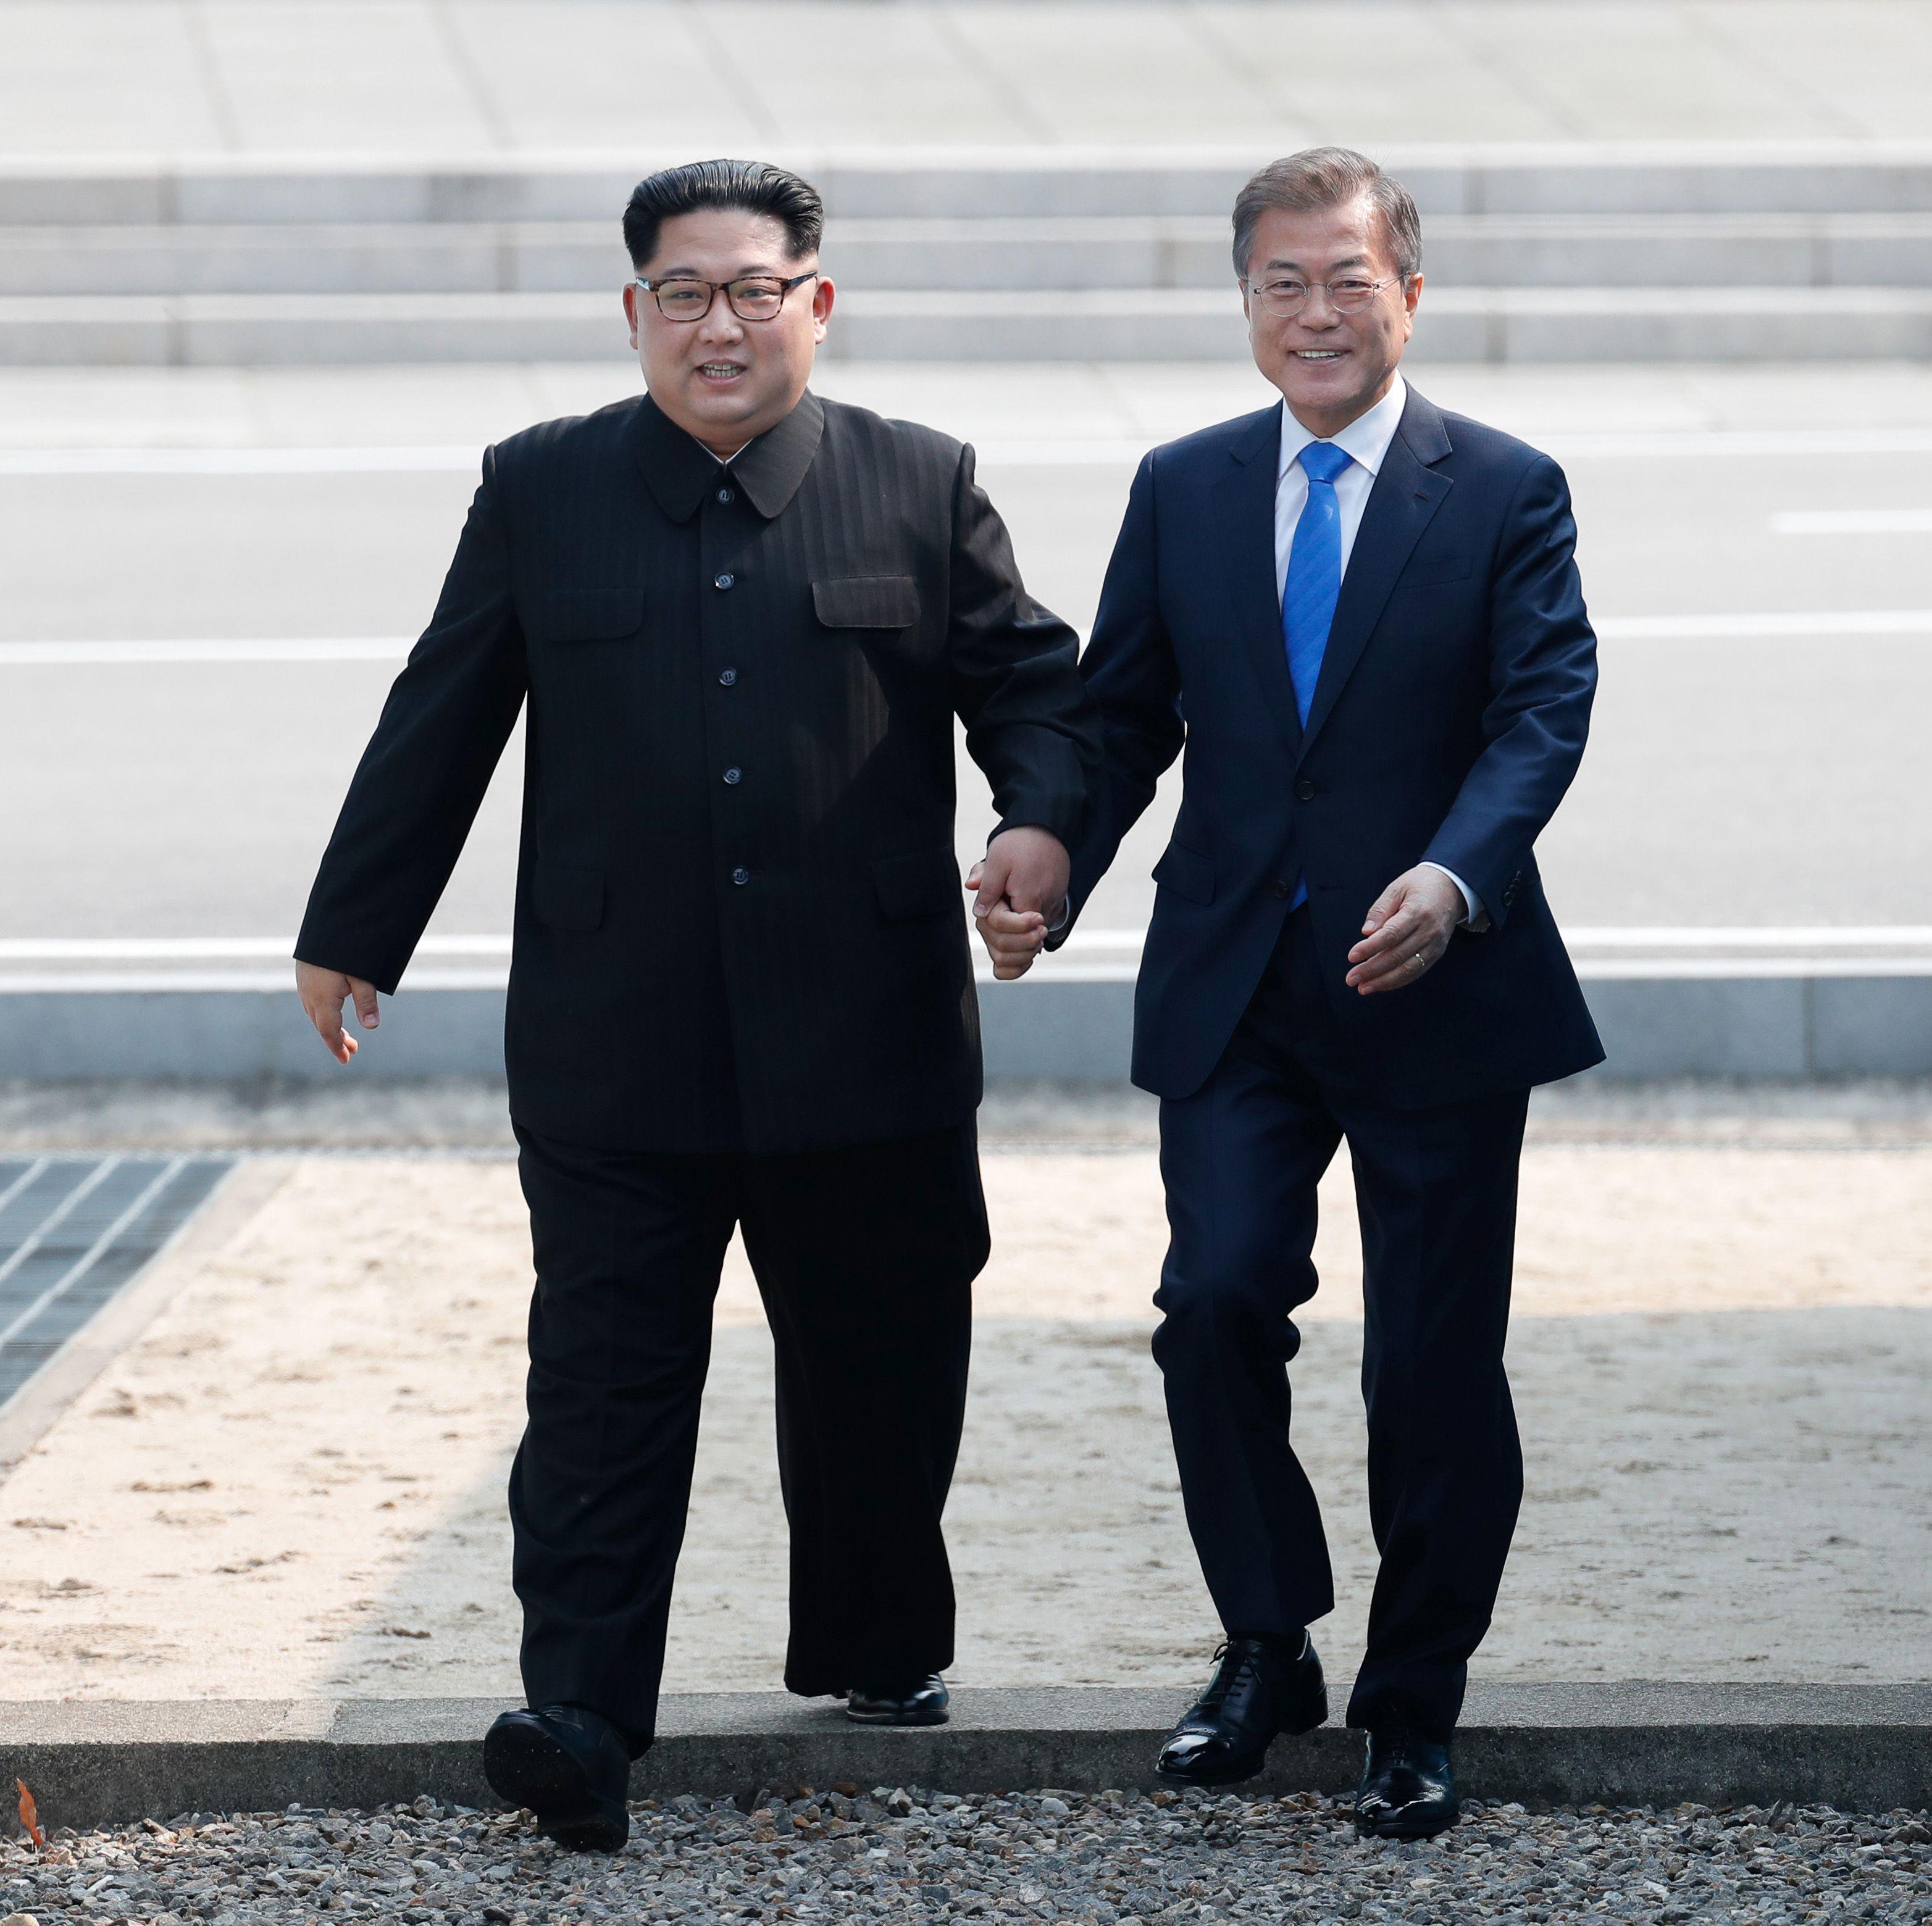 900274-لحظة-عبور-كيم-للخط-الفاصل-بتجاه-كوريا-الجنوبية